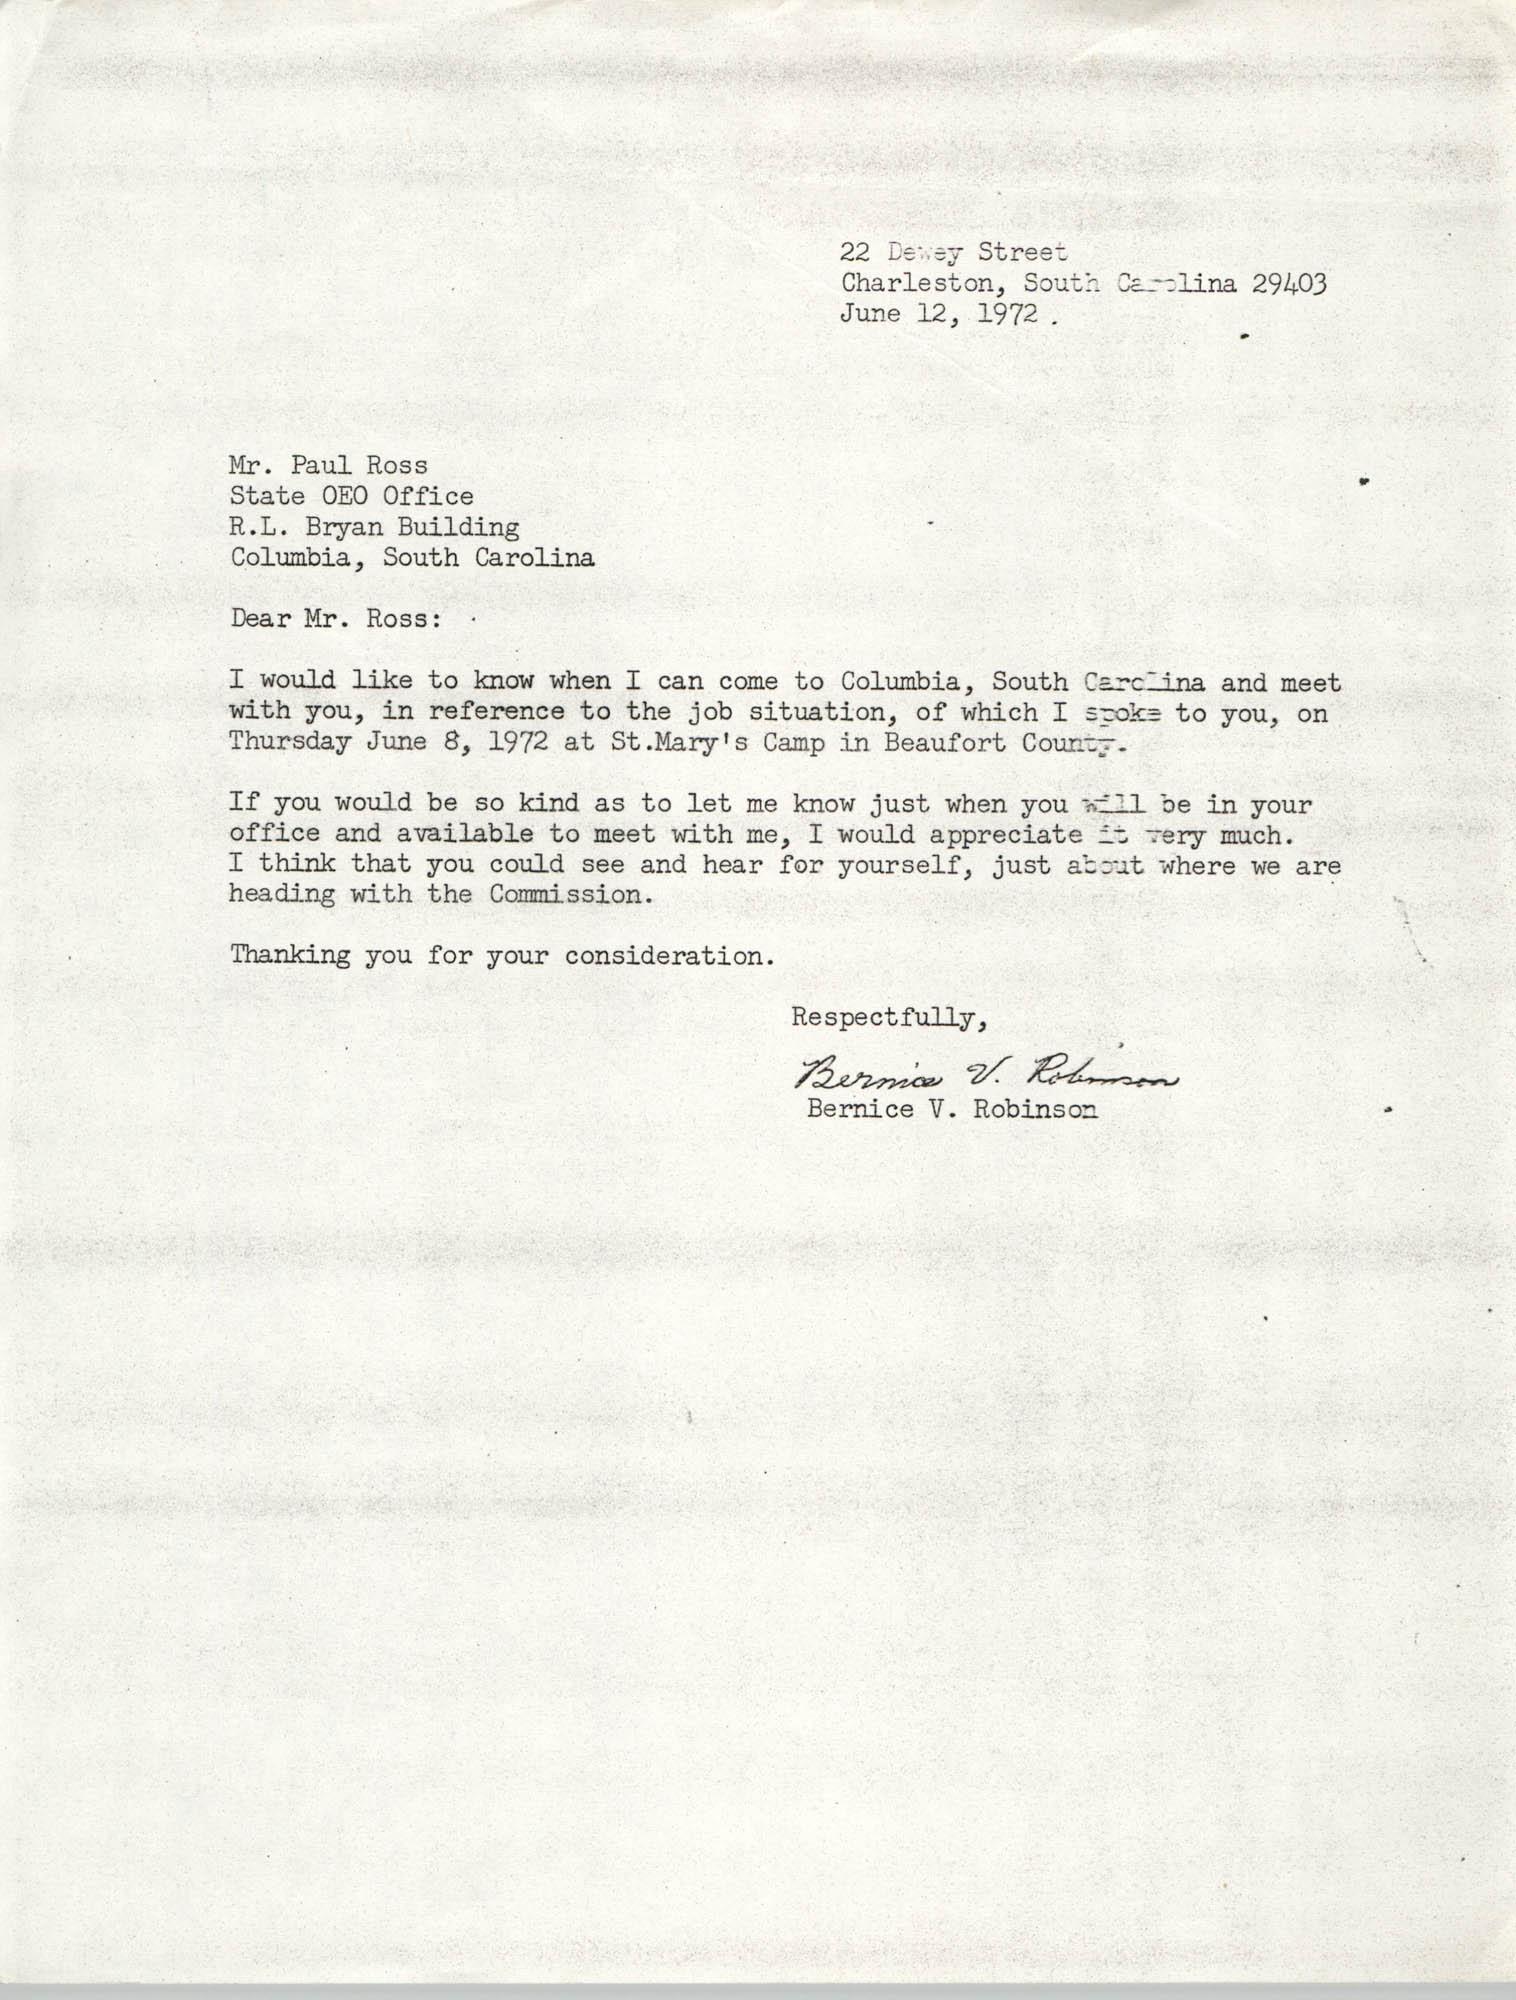 Letter from Bernice V. Robinson to Paul Ross, June 12, 1972